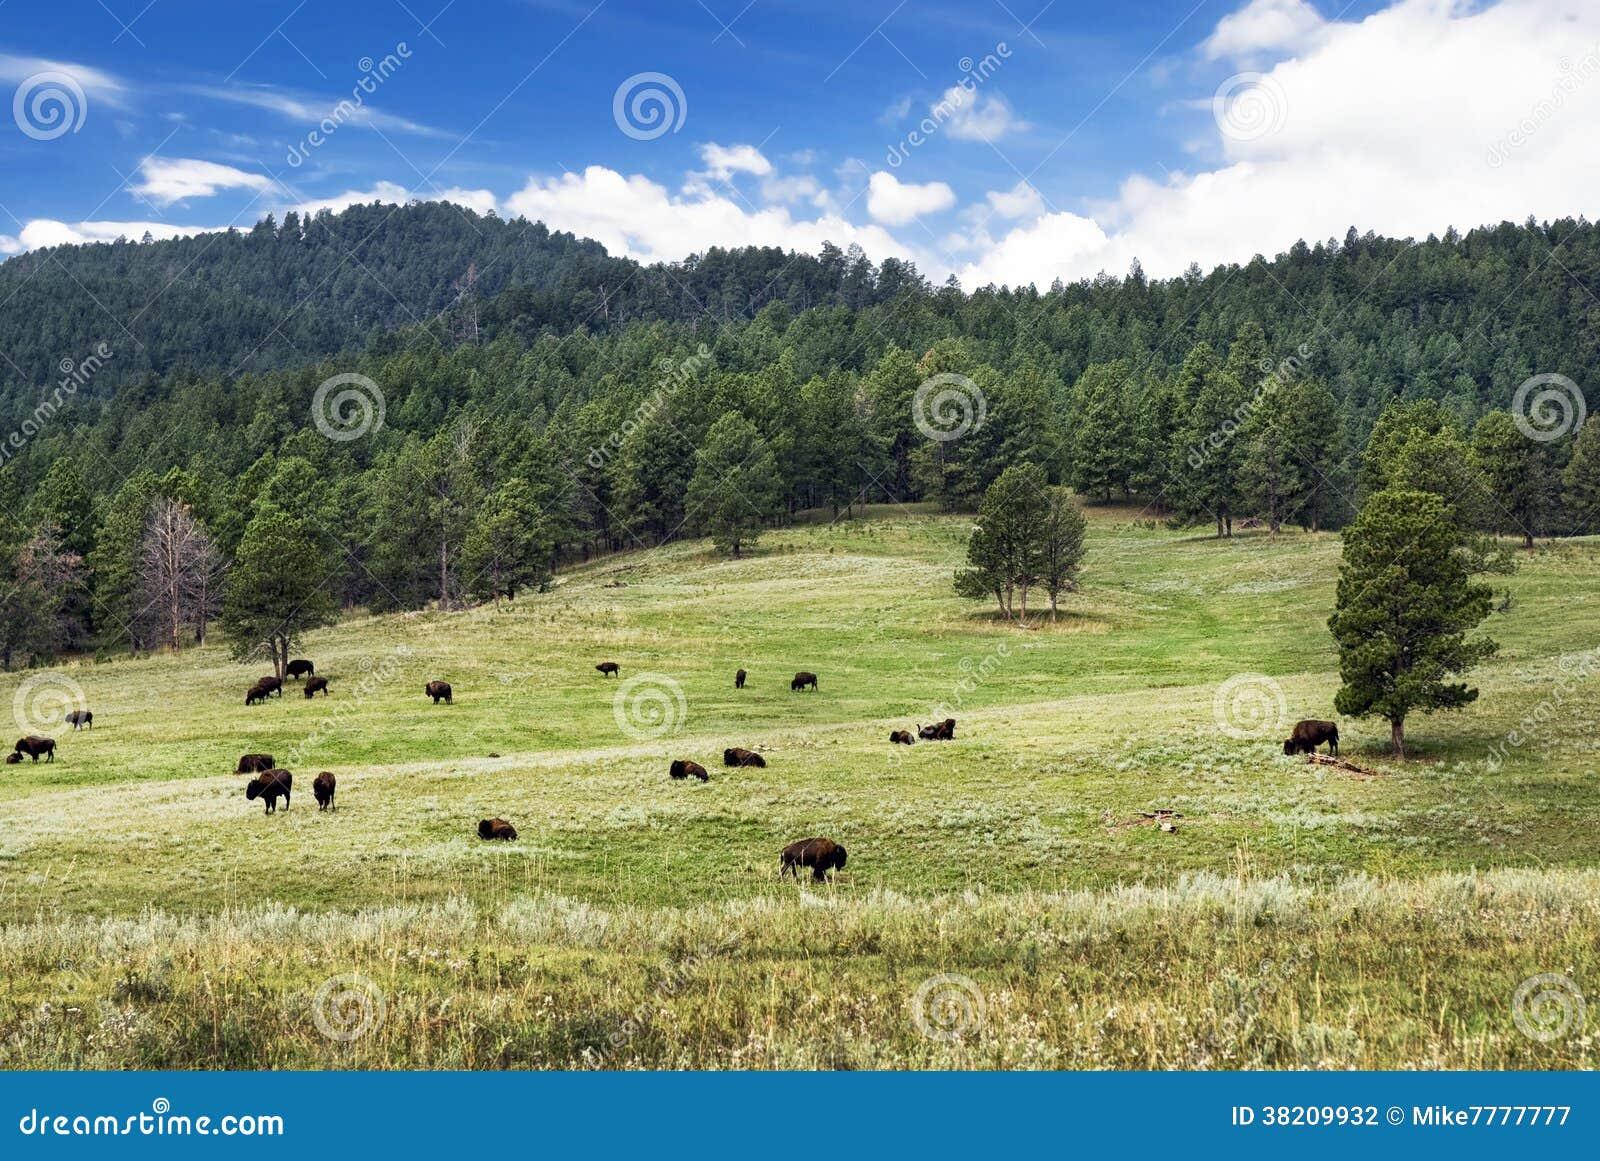 Manada del bisonte americano, Custer State Park, Dakota del Sur, los E.E.U.U.